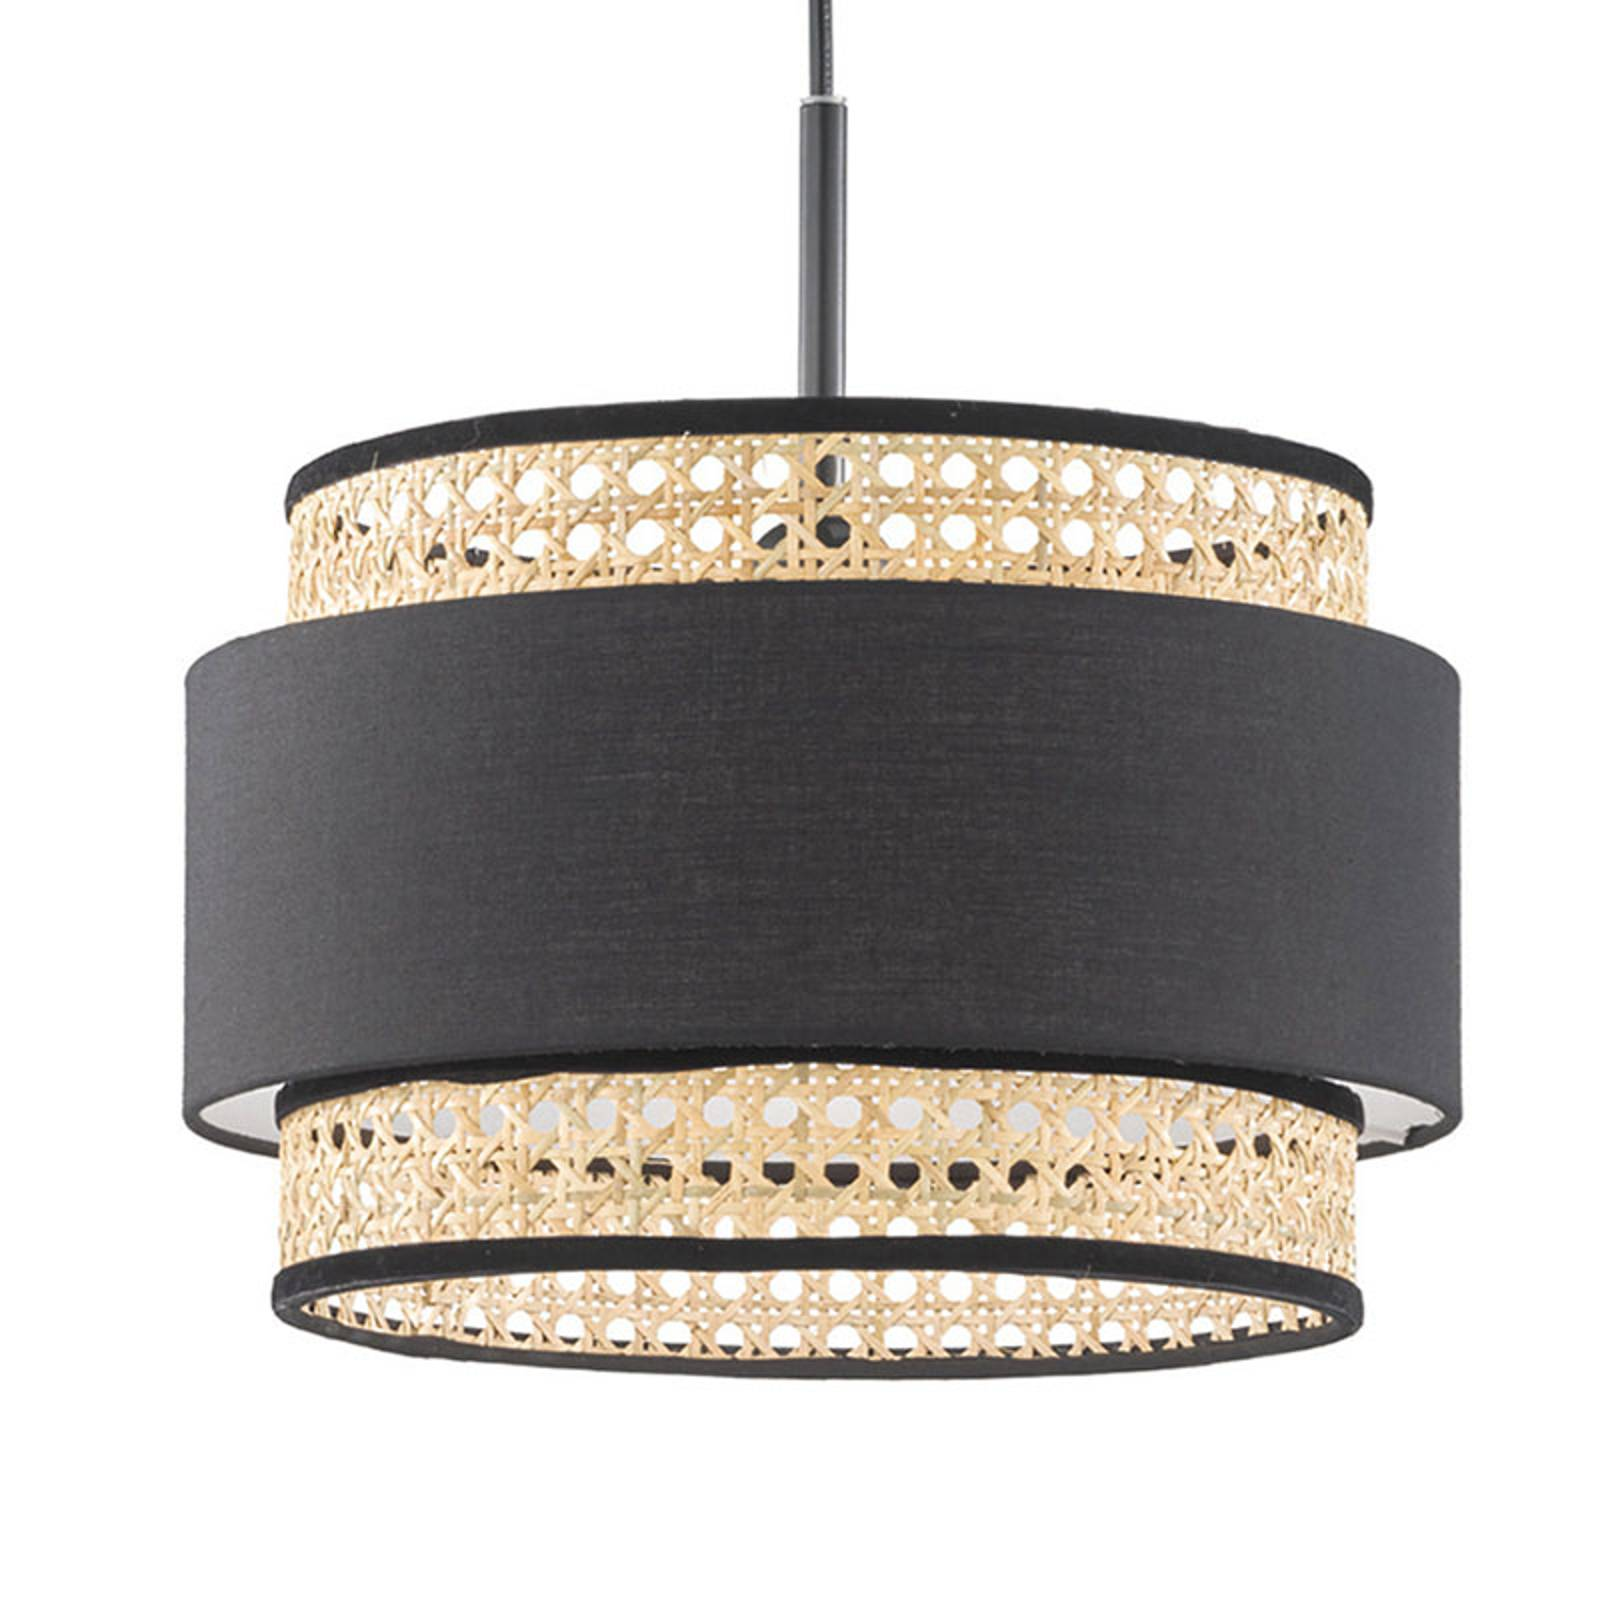 Hanglamp Tape met rotan-kap, 1-lamp